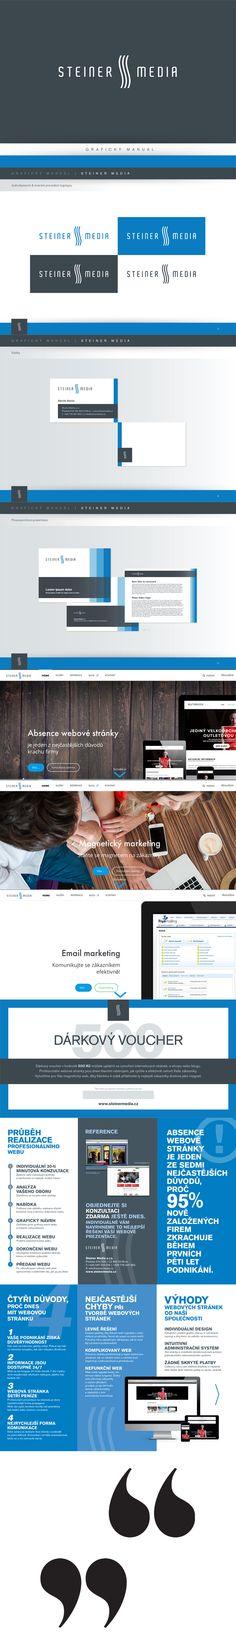 Malá grafická ukázka značky Steiner Media www.steinermedia.cz Pomůžeme vám k profesionálnímu vzhledu společnosti. Kontakt info@steinermedia.cz